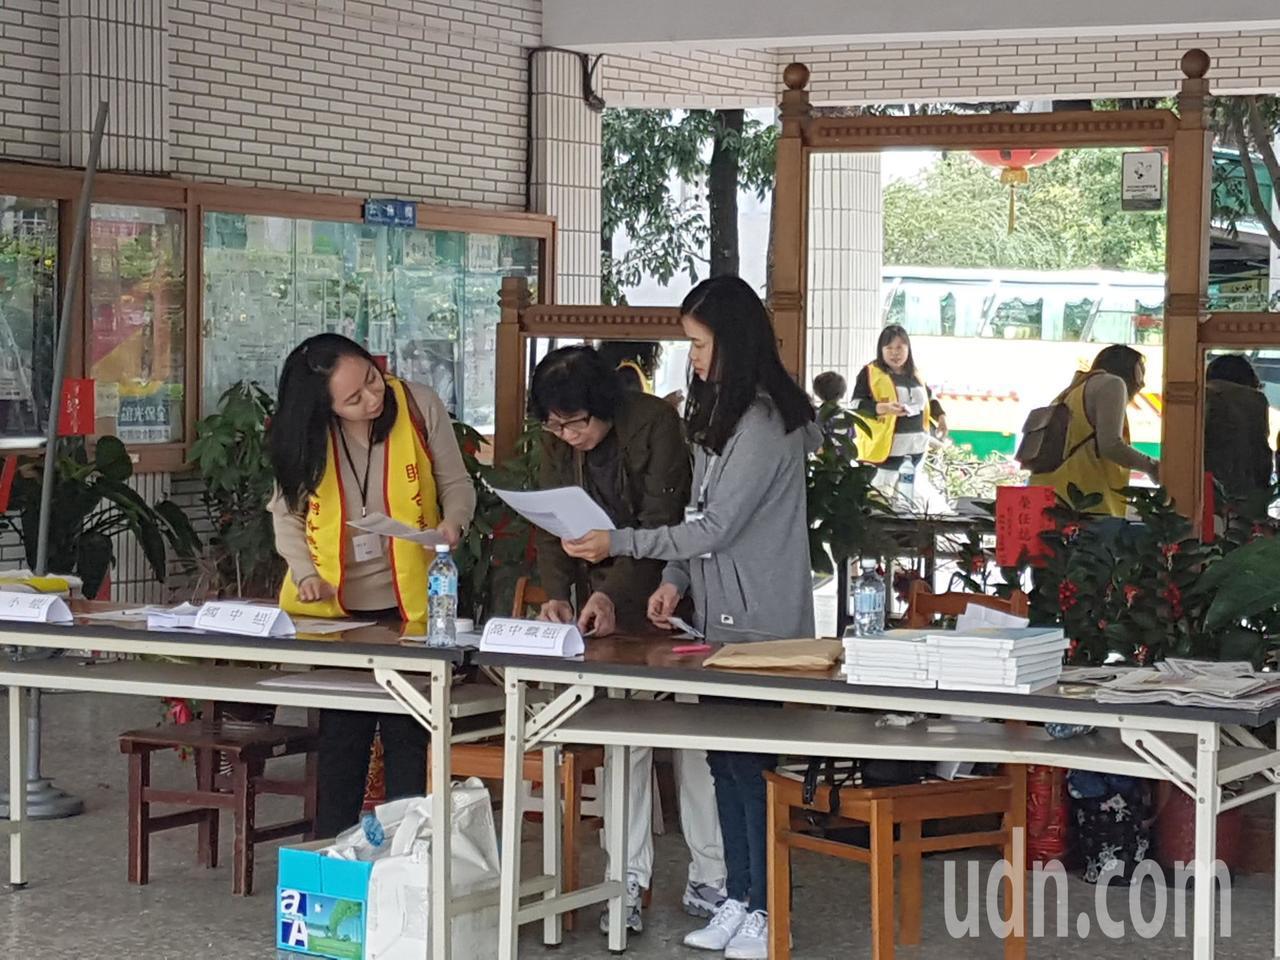 第11屆聯合盃全國作文大賽總決賽上午在台南後甲國中舉辦 記者修瑞瑩/攝影